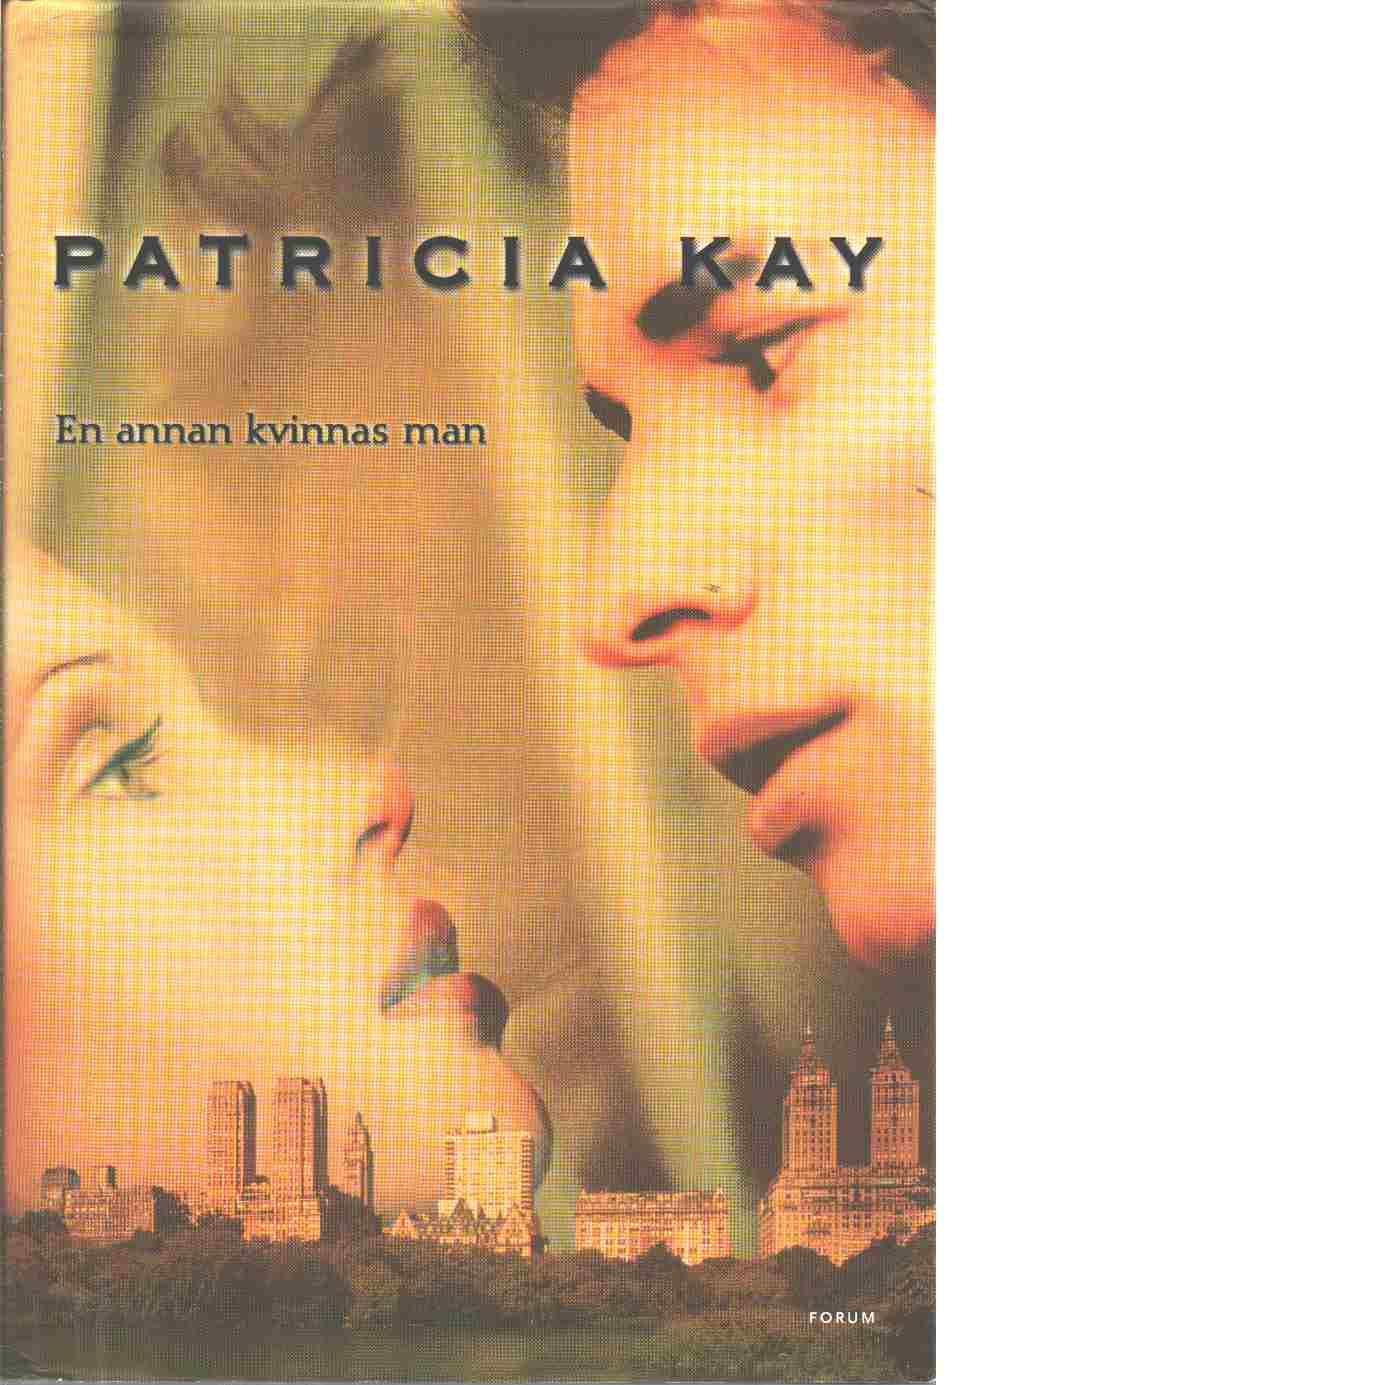 En annan kvinnas man - Kay, Patricia